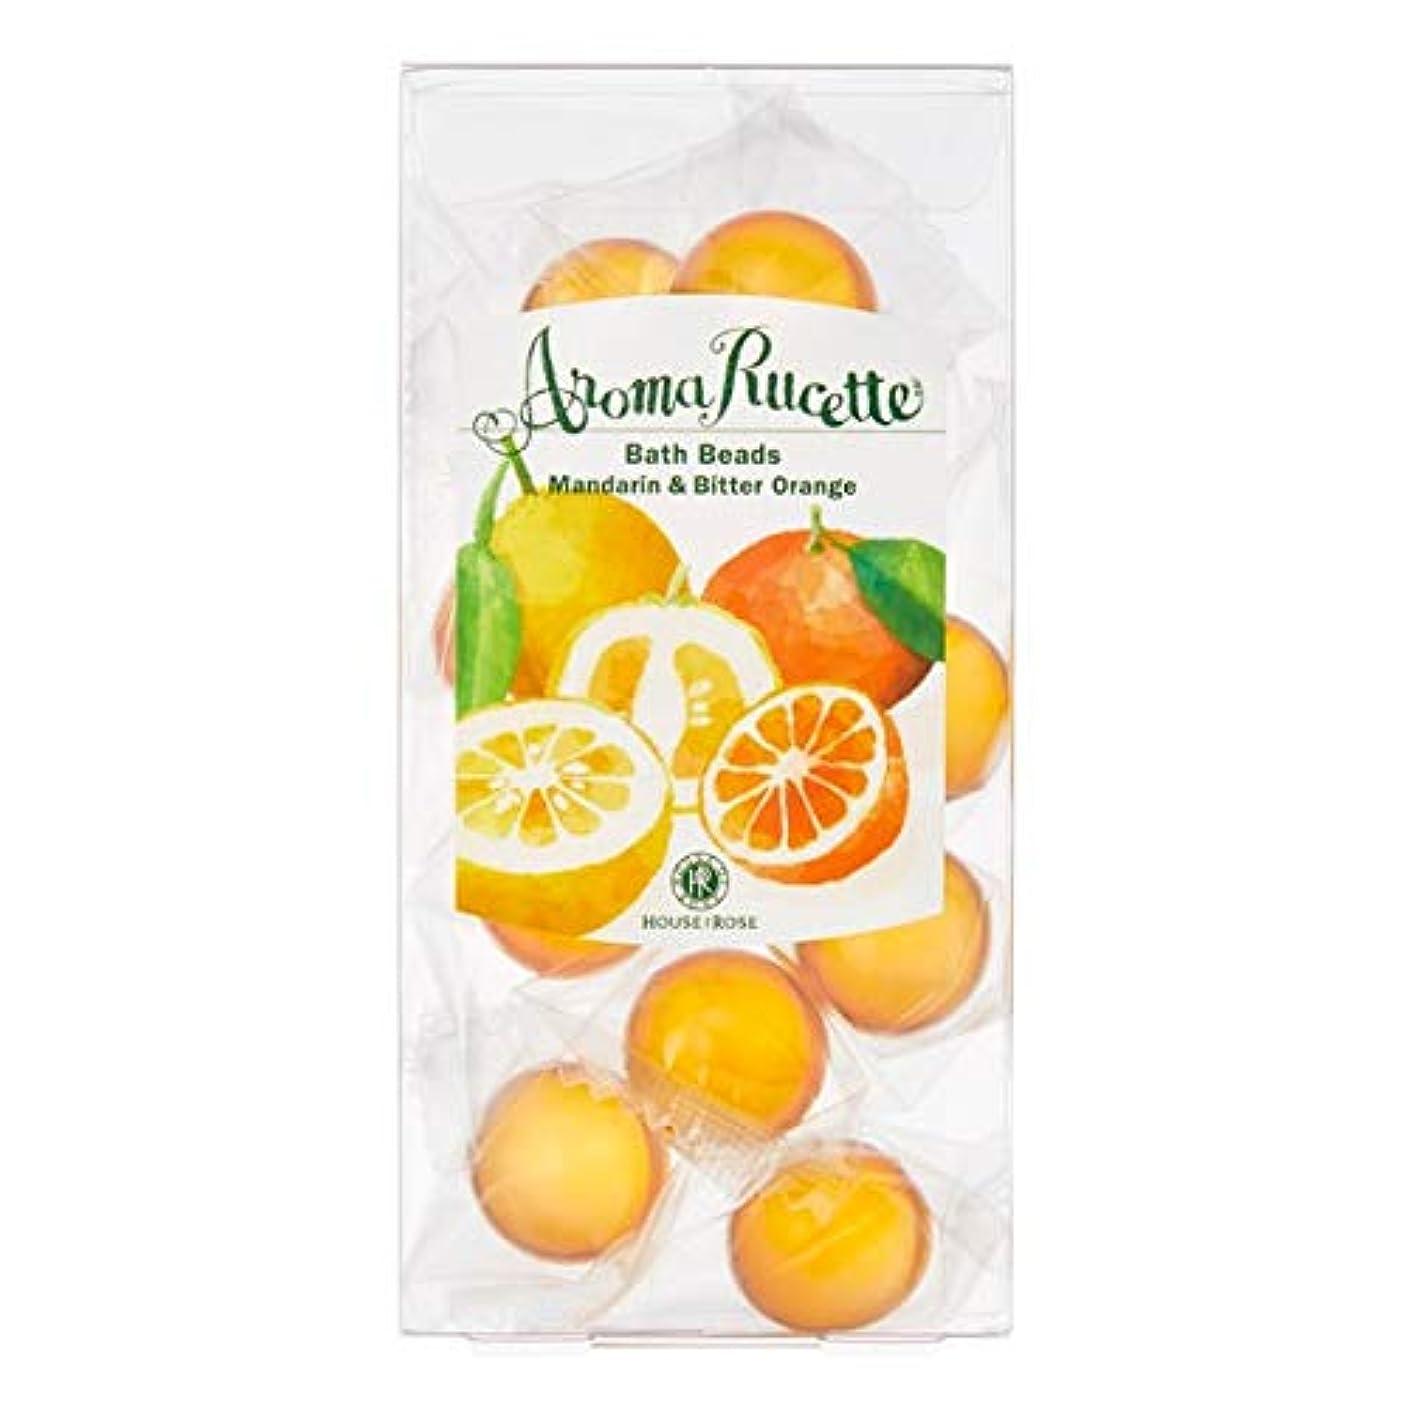 静かに抑圧破裂HOUSE OF ROSE(ハウスオブローゼ) ハウスオブローゼ/アロマルセット バスビーズ MD&BO(マンダリン&ビターオレンジの香り) 7g×11個